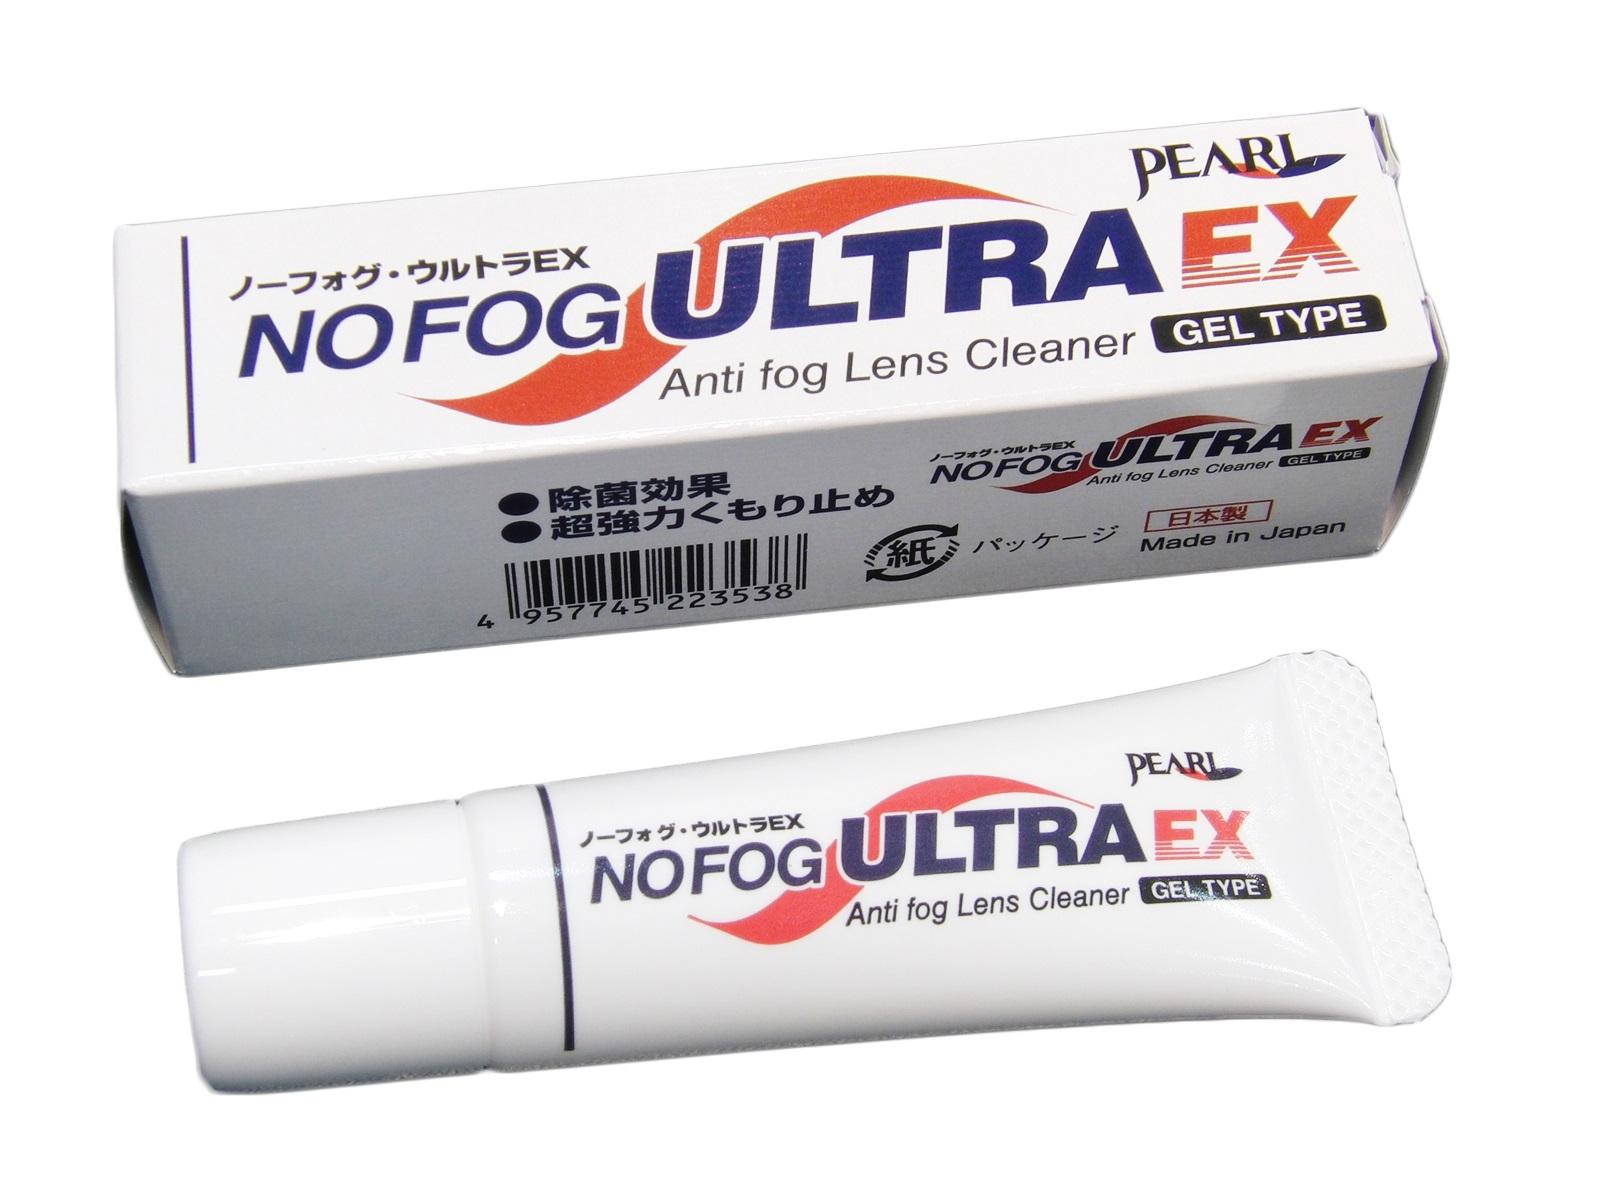 NO FOG ULTRA EX ノーフォグ・ウルトラEX 超強力くもり止め【メール便対応】